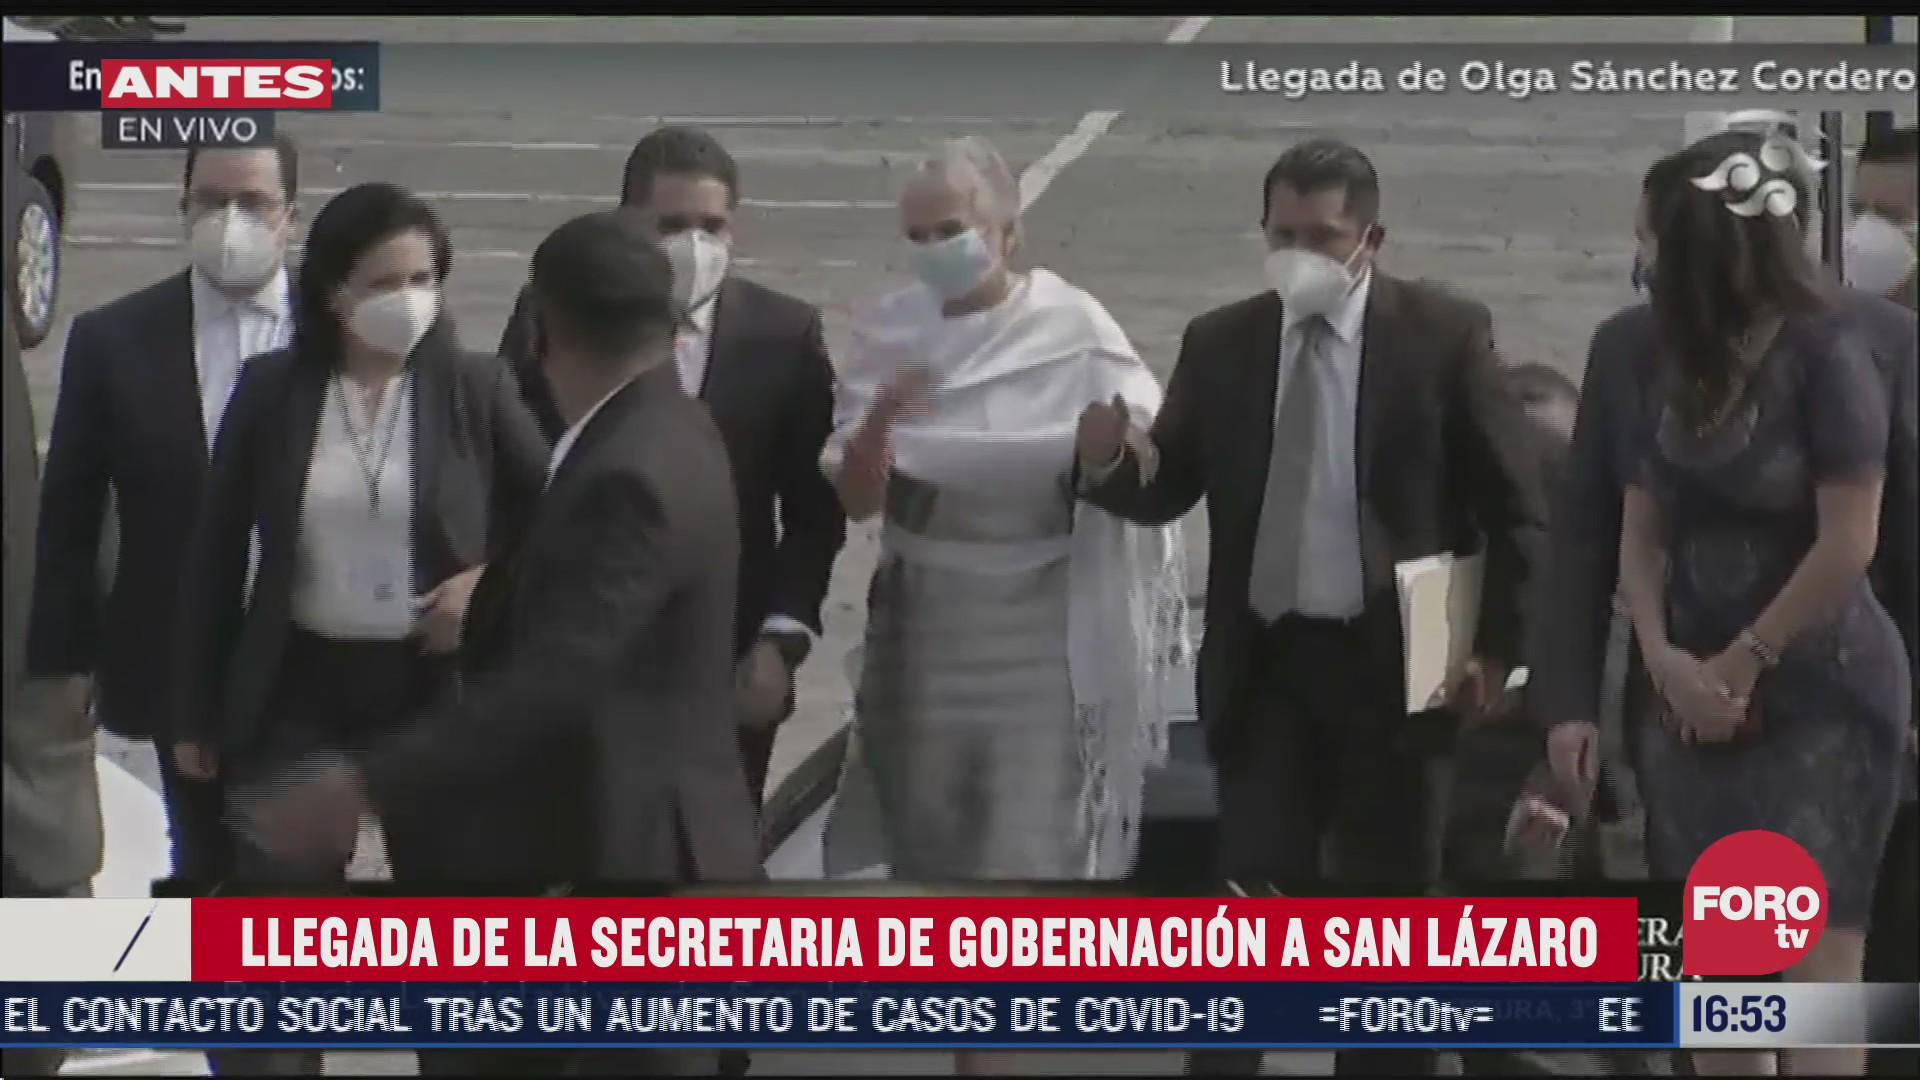 llega secretaria de gobernacion a san lazaro